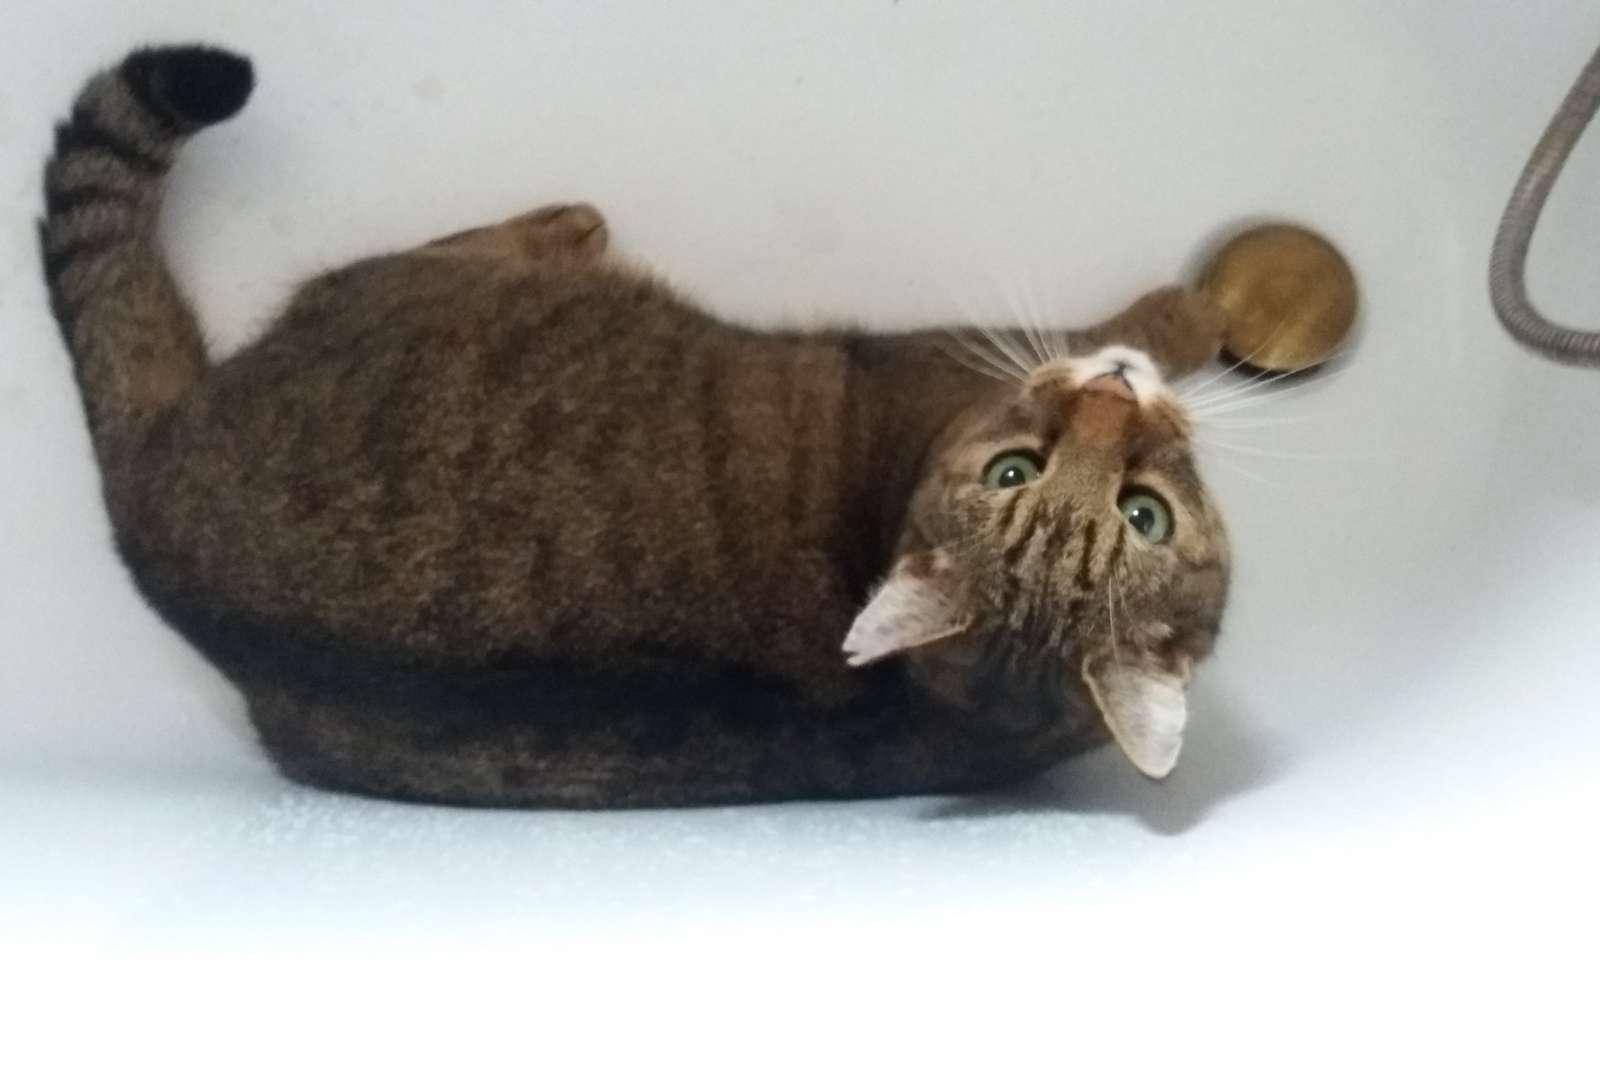 de kat ligt in het bad - De oude kat ligt in de badkuip (9×8)